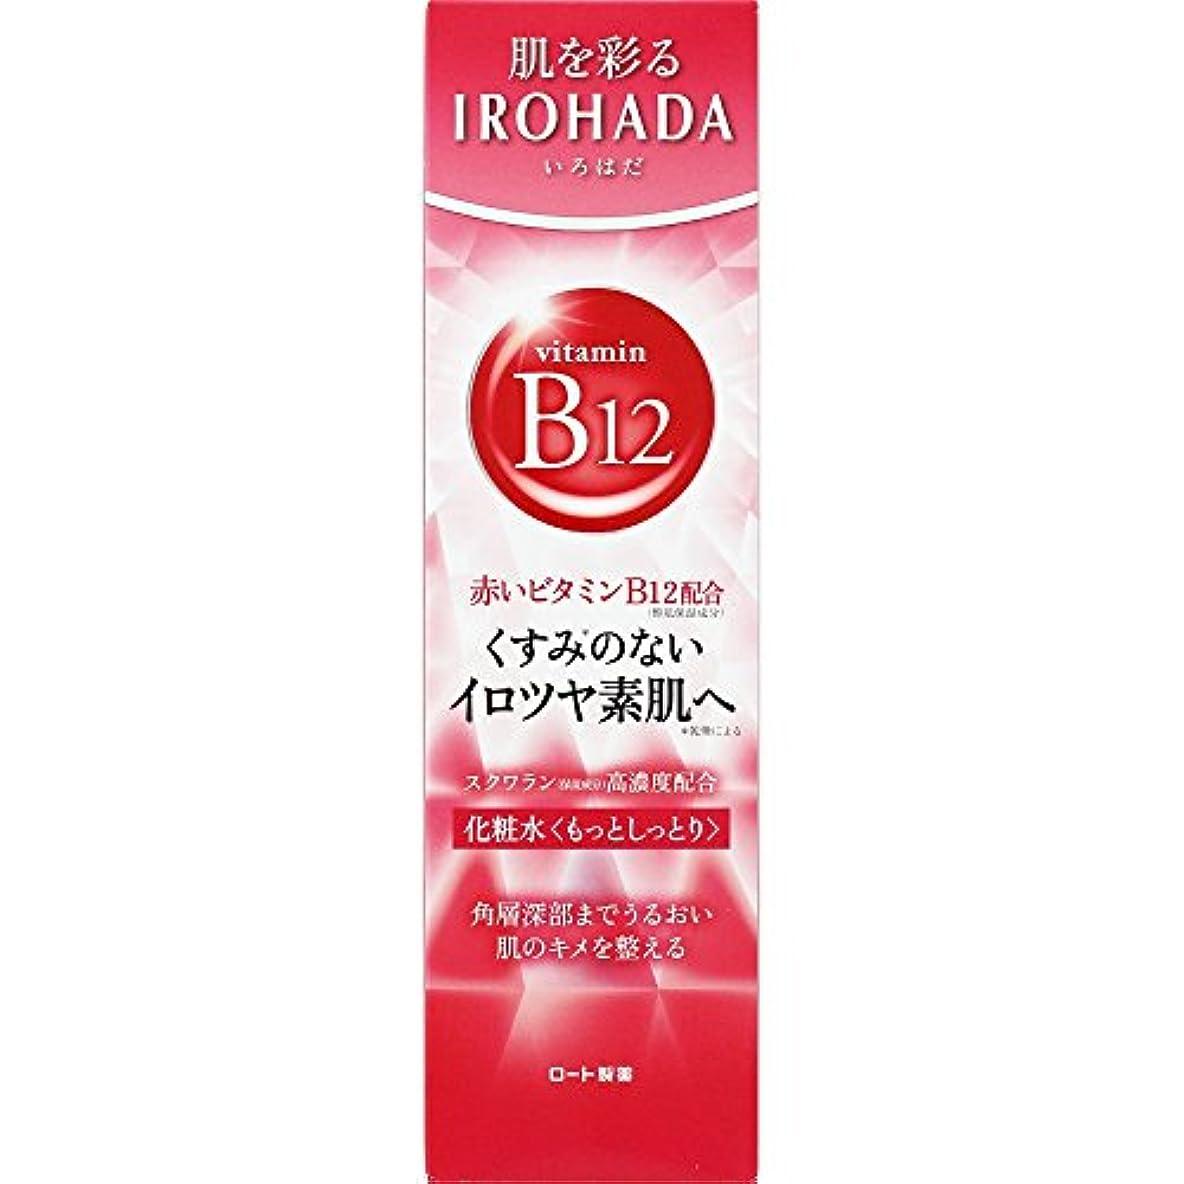 鉱石人工的な翻訳者ロート製薬 いろはだ (IROHADA) 赤いビタミンB12×スクワラン配合 化粧水もっとしっとり 160ml